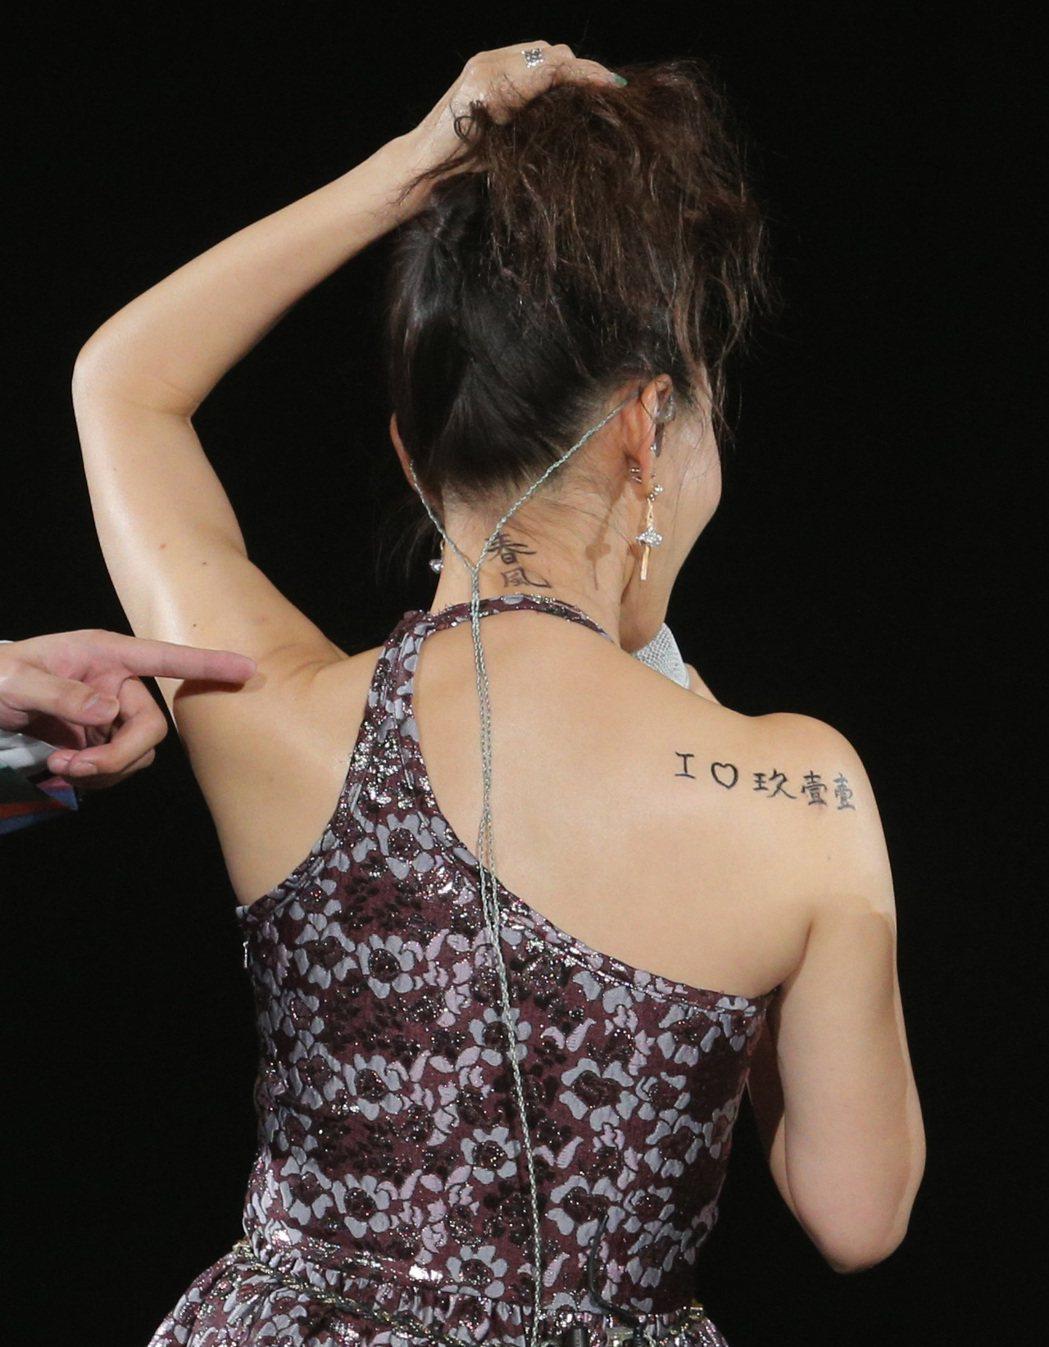 彭佳慧現身玖壹壹演唱會擔任嘉賓,露出背上刺青。記者劉學聖/攝影